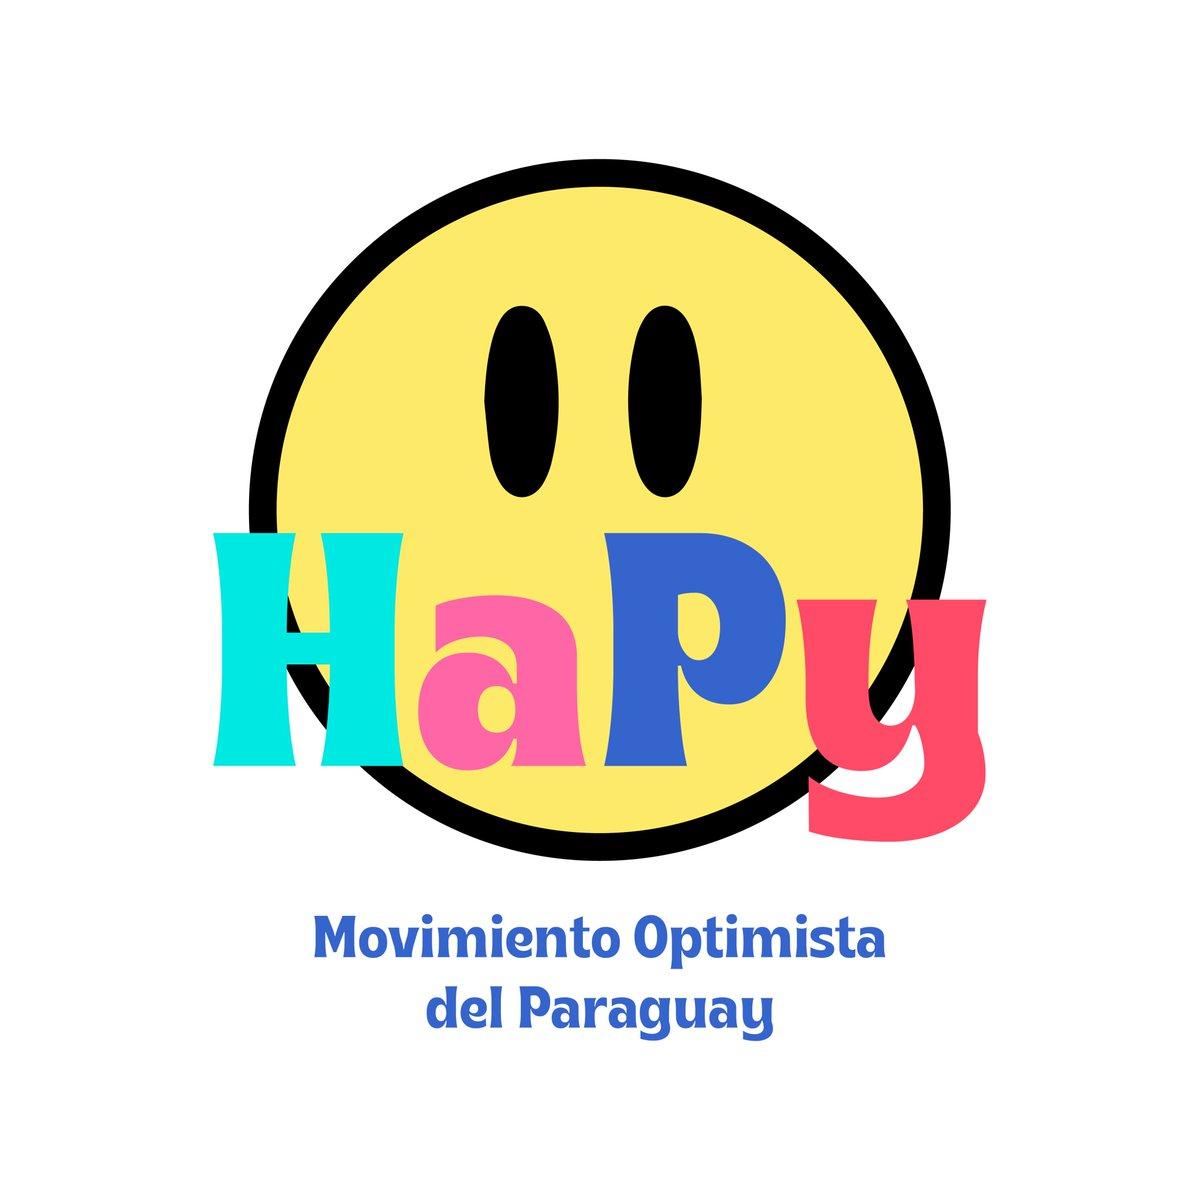 RT @SomosHaPy: ¡Somos HaPy, el movimiento optimista del Paraguay! #BuenasNoticias #SomosHaPy https://t.co/ocnLHjdIRq